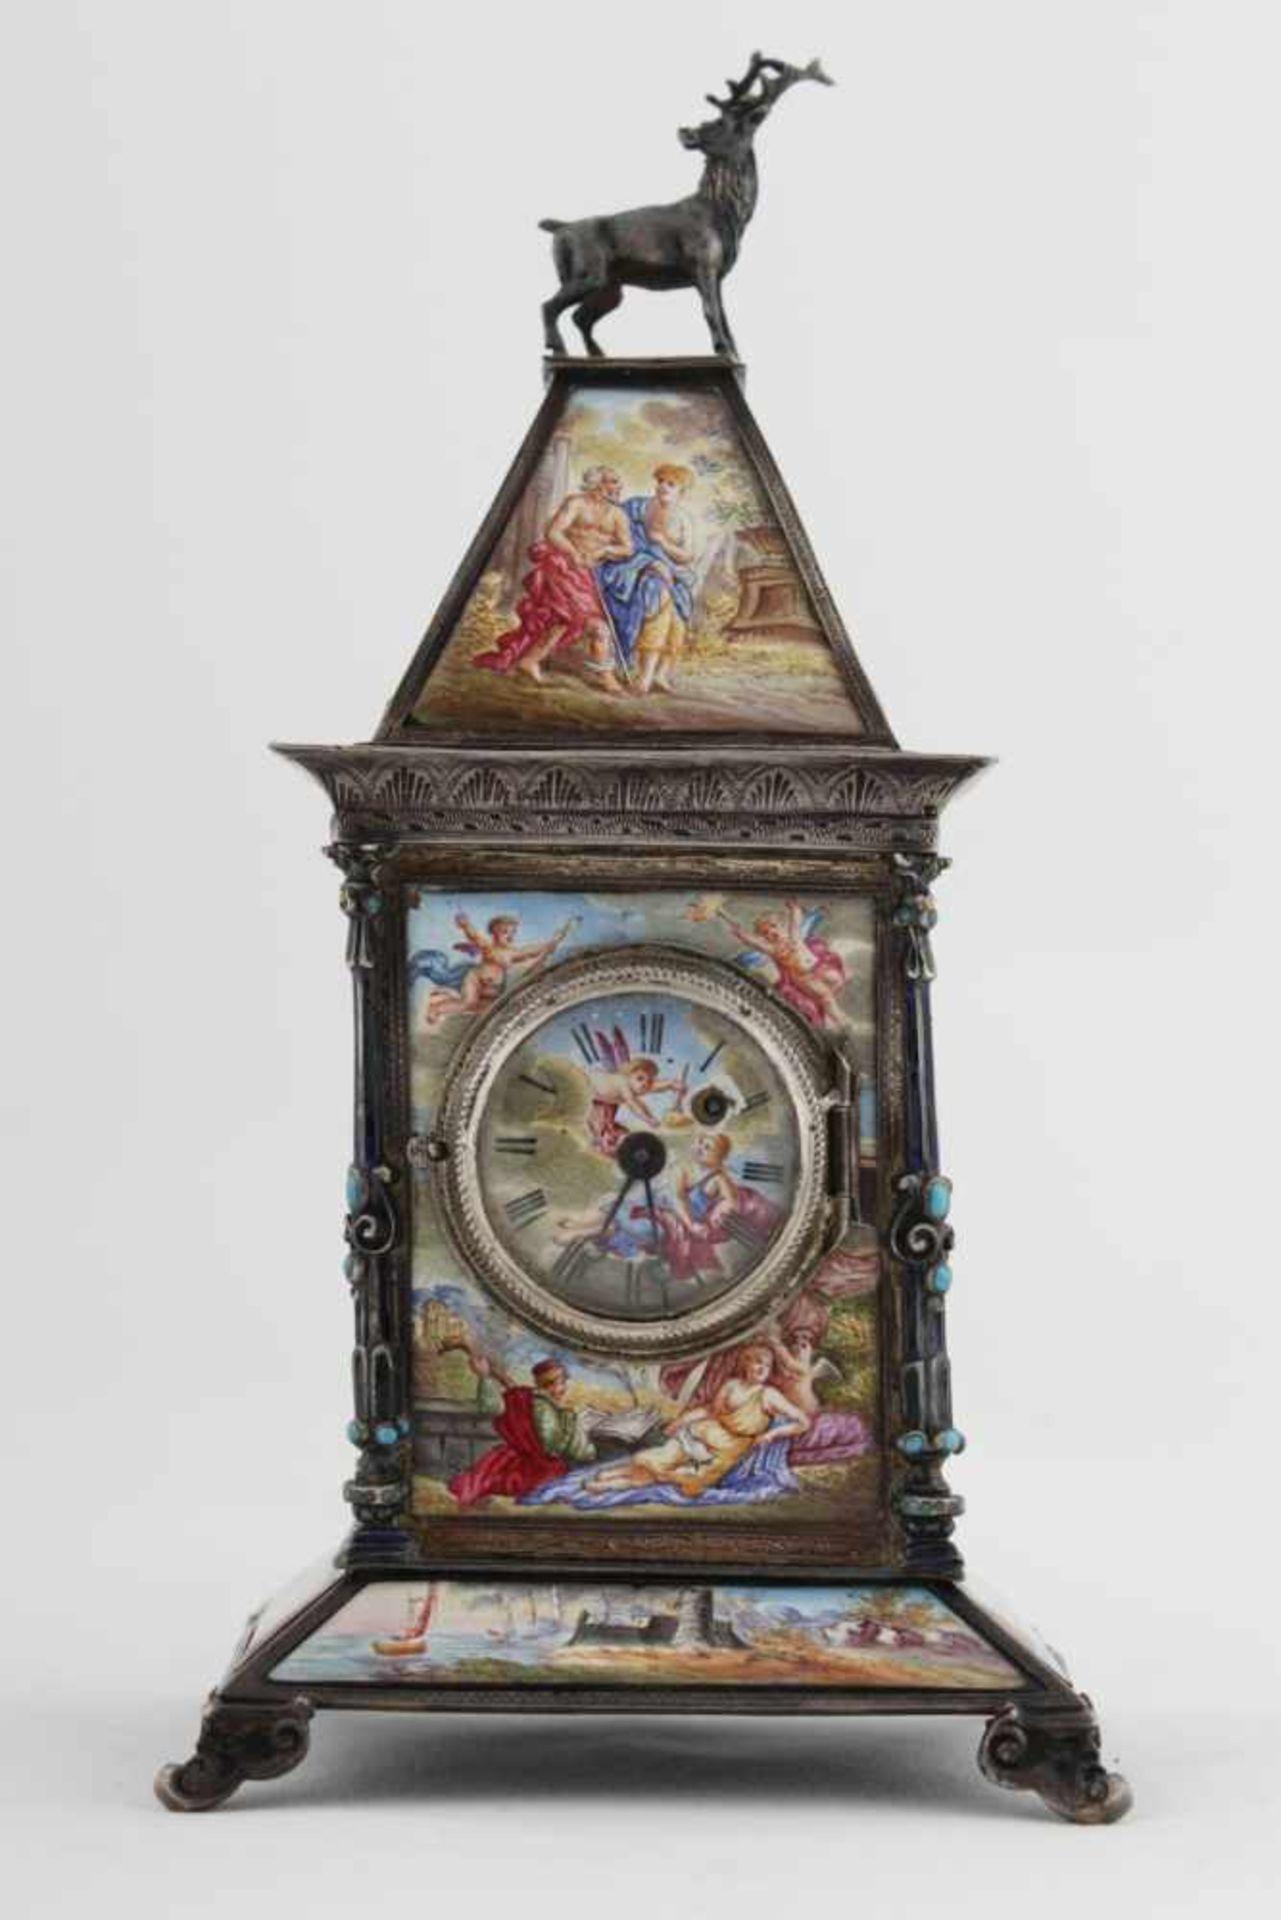 Viennese miniature enamel clock Austria, Vienna, around 1890, Karl Bender, marked: KB, A, case of